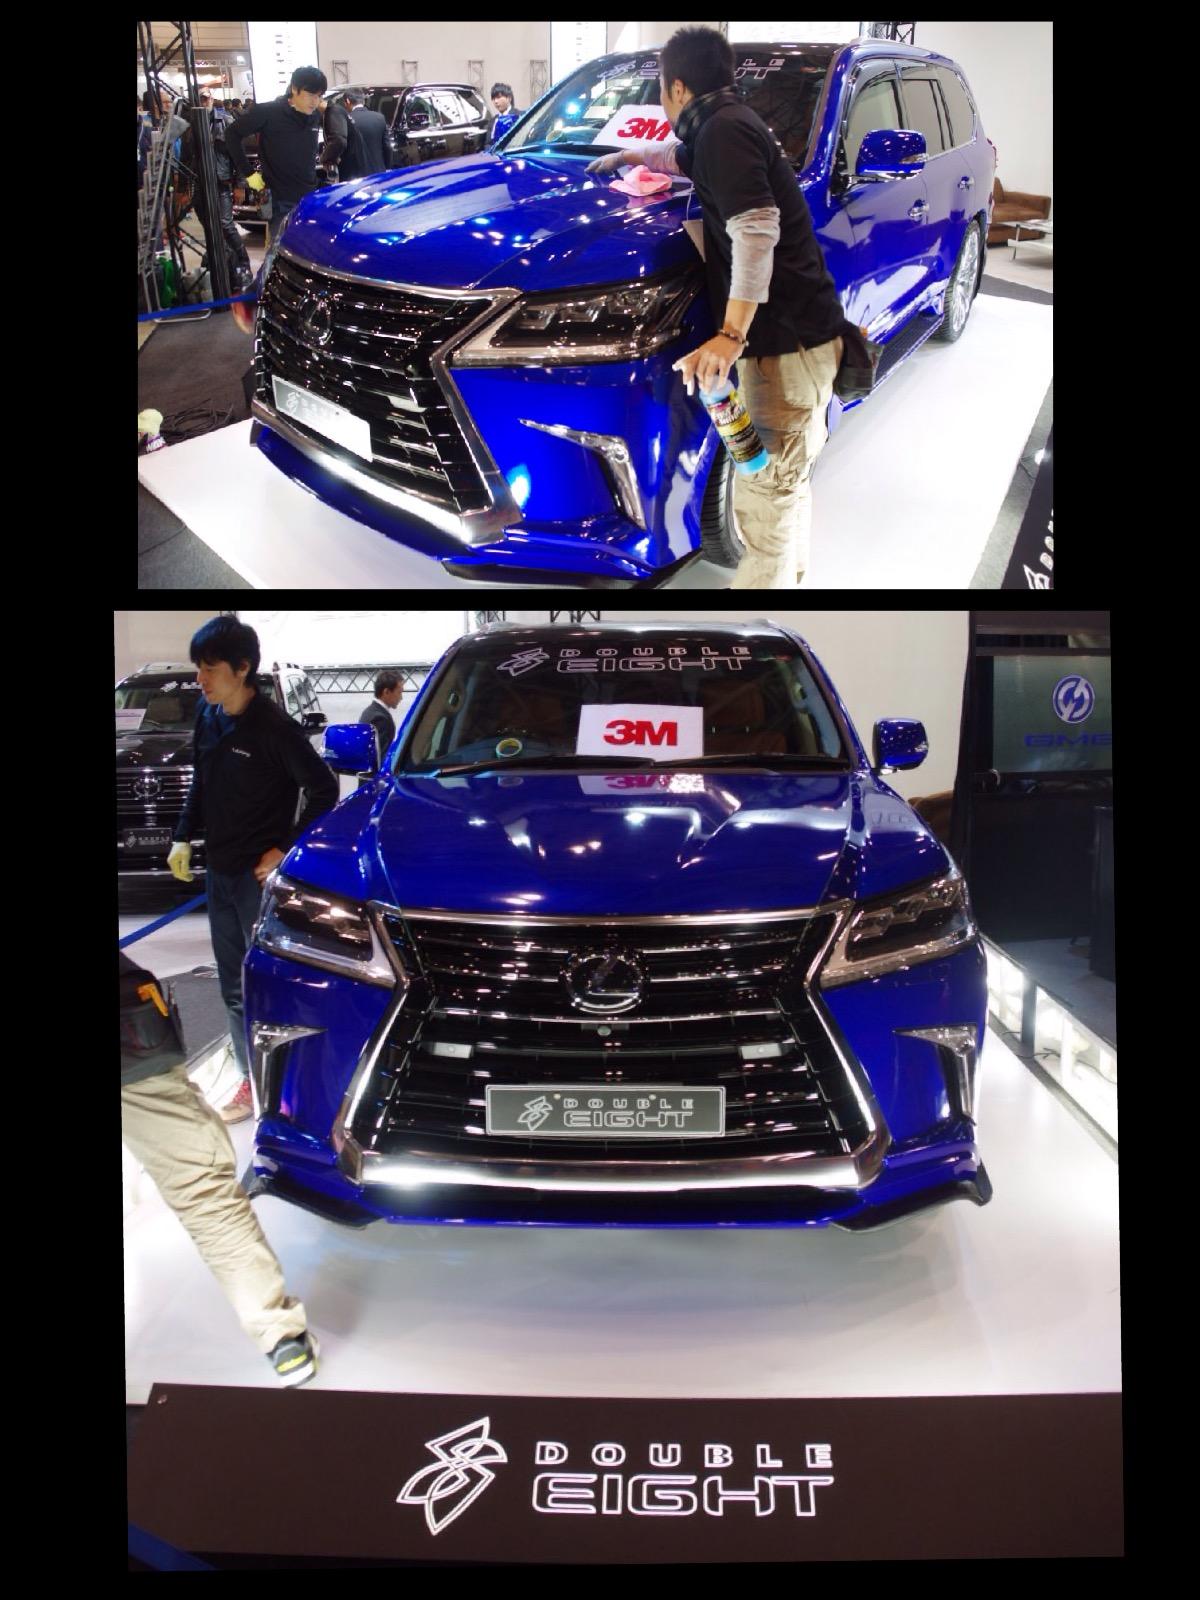 レクサス LX カスタム 東京オートサロン2016